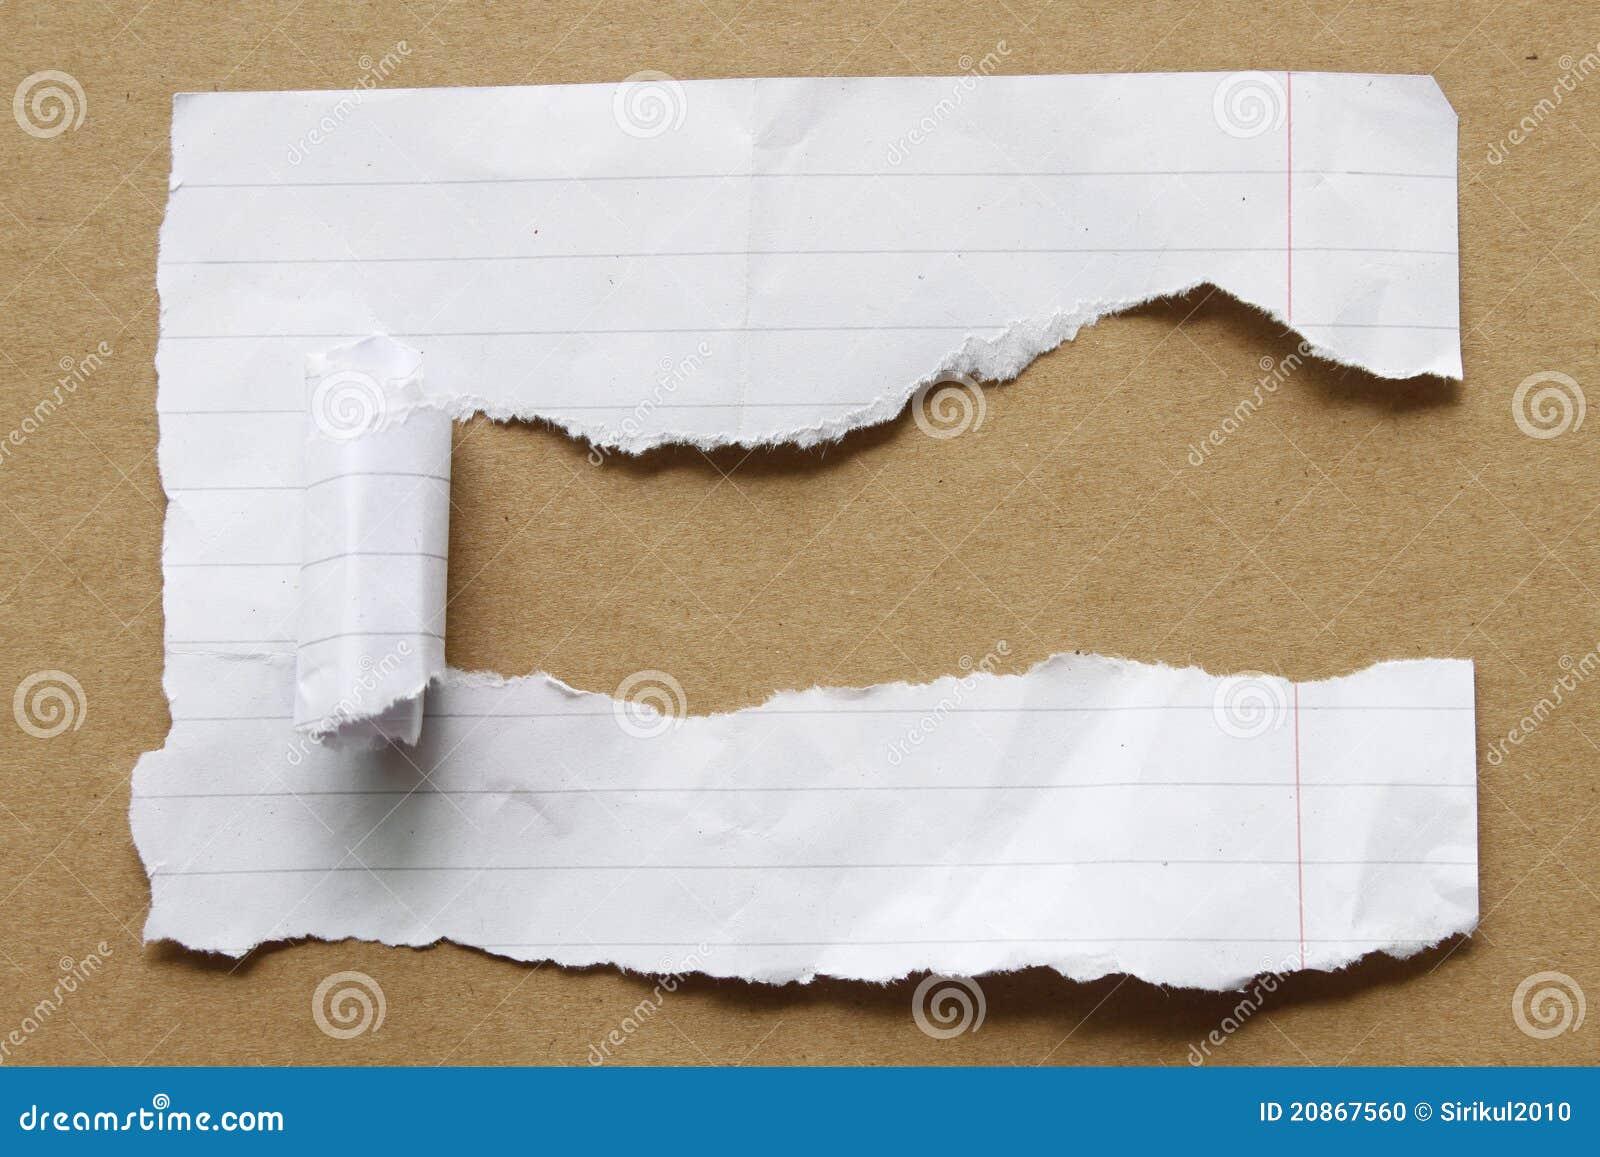 Ripper paper